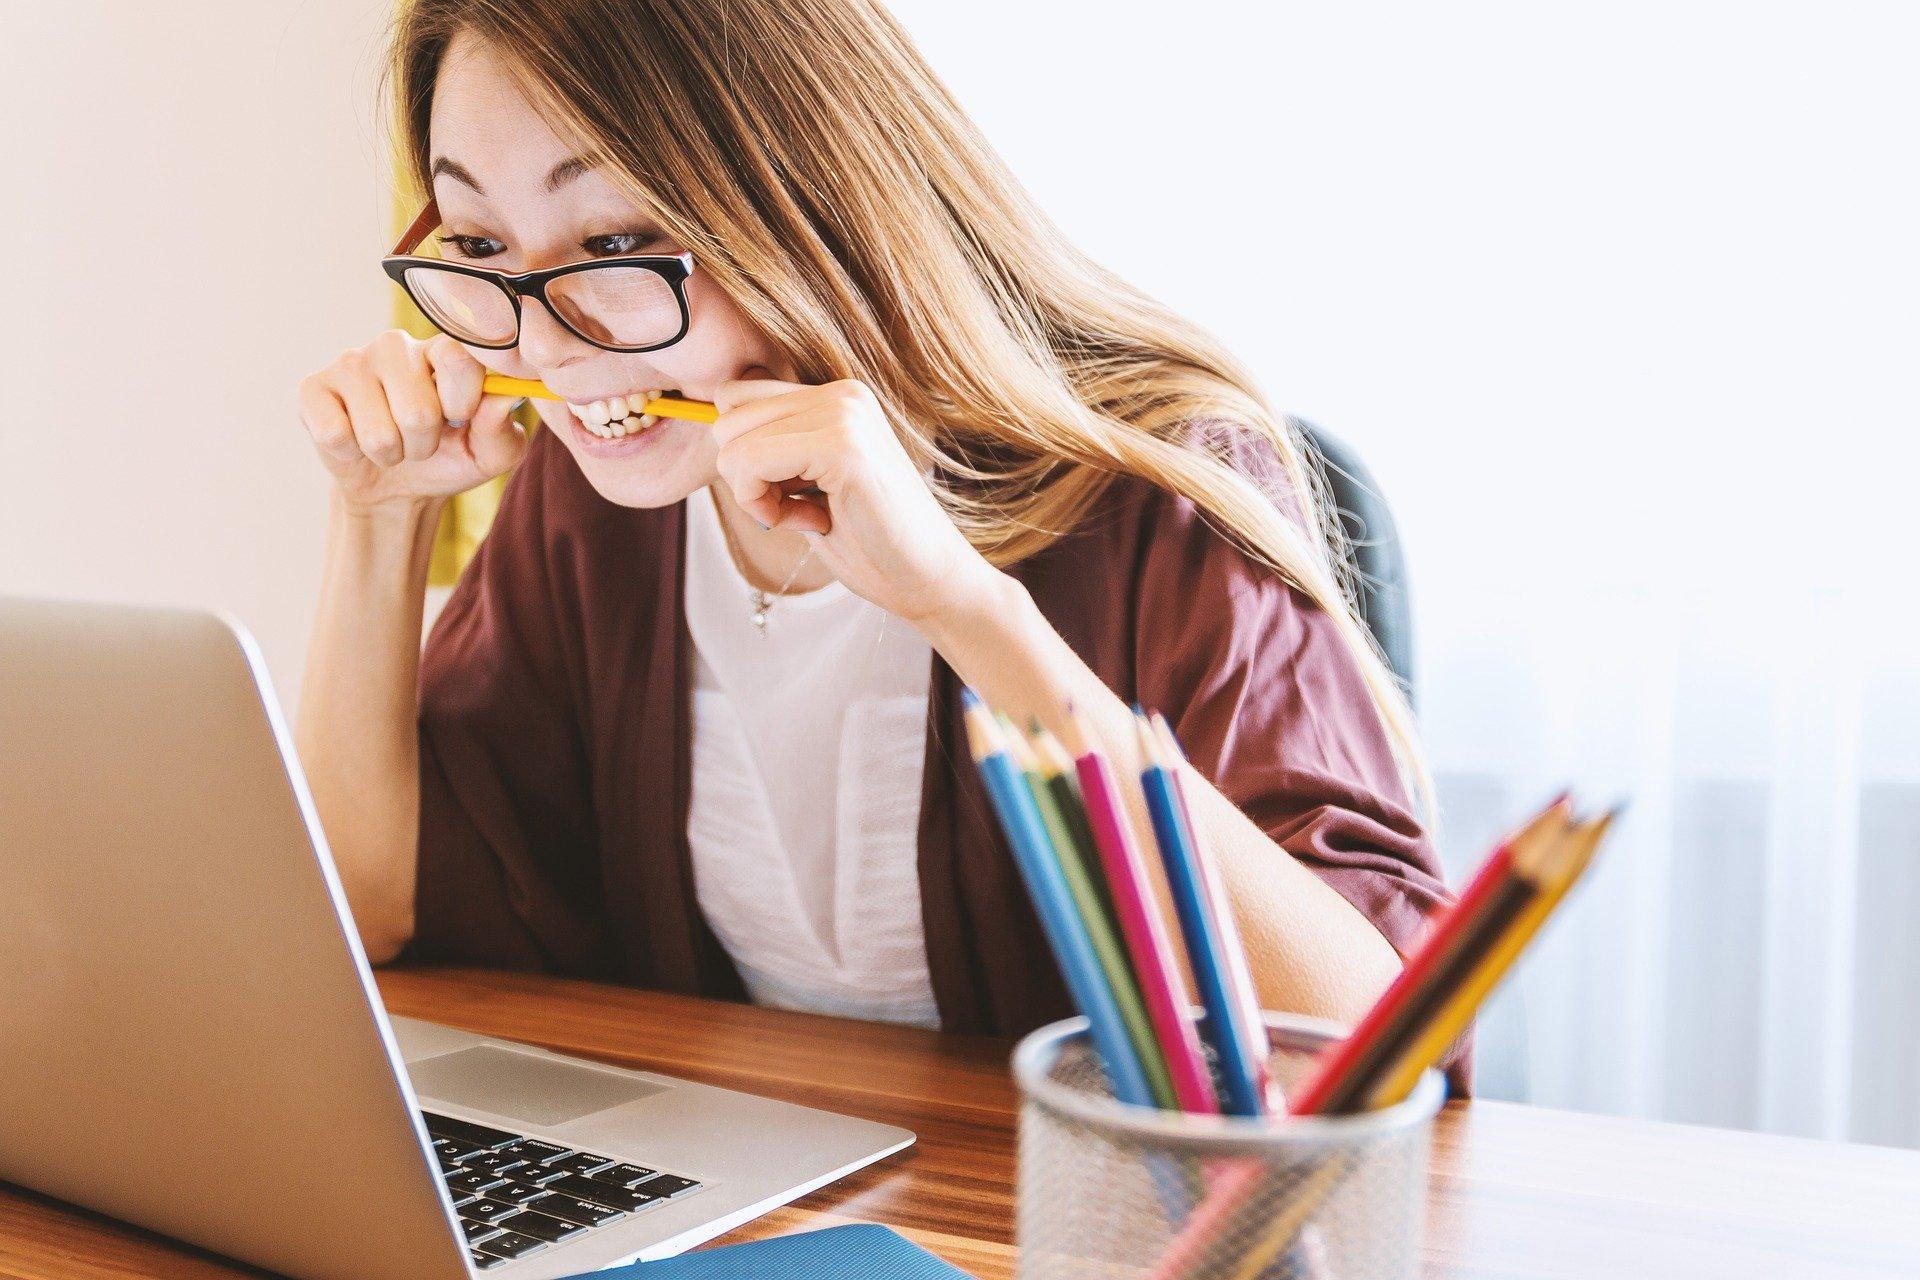 Imagem mostra uma mulher com um lápis na boca olhando para um notebook.